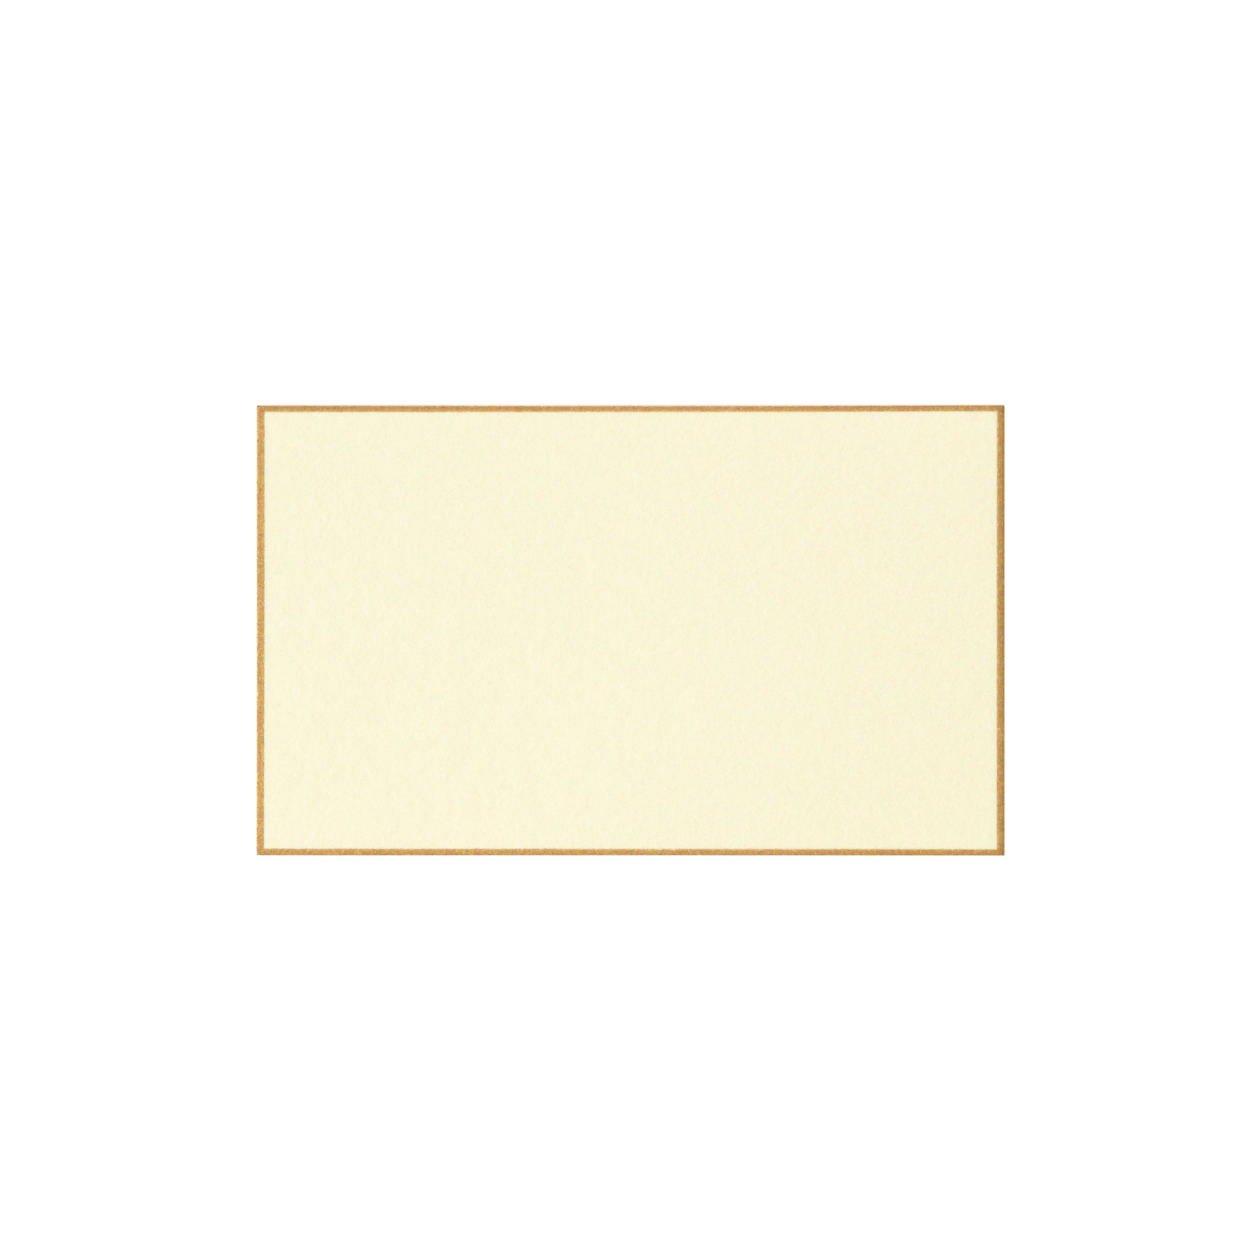 No.57ボーダード ネームカード ゴールド 232.8g